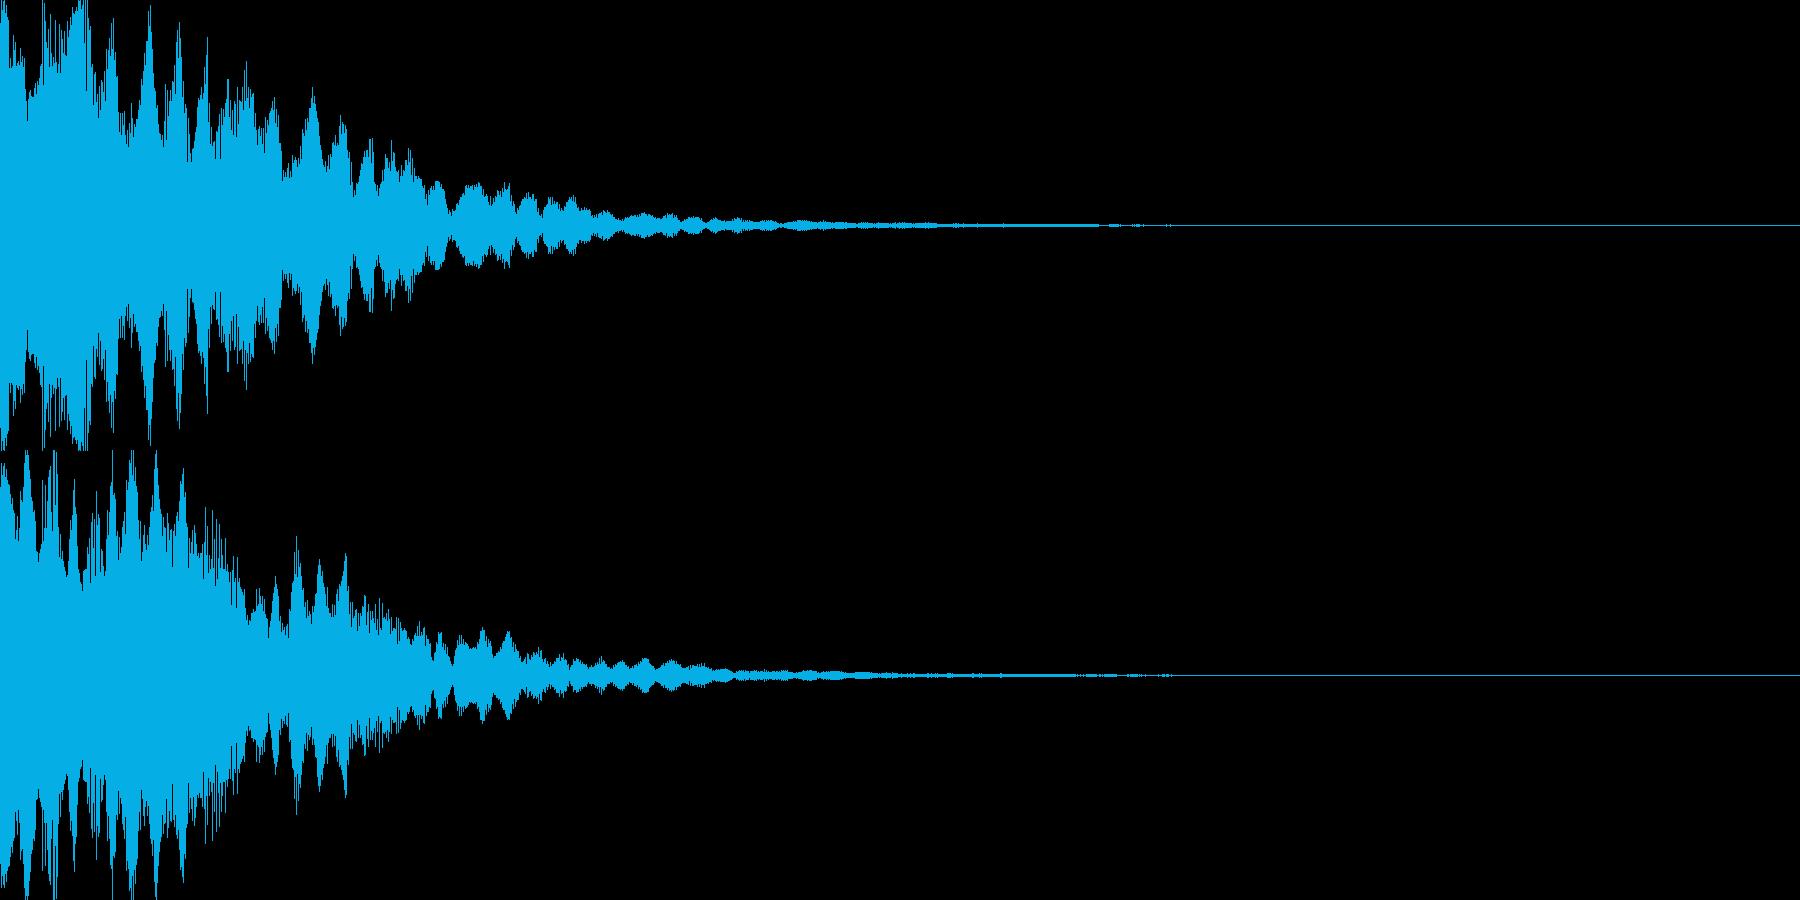 アイテム獲得音01の再生済みの波形